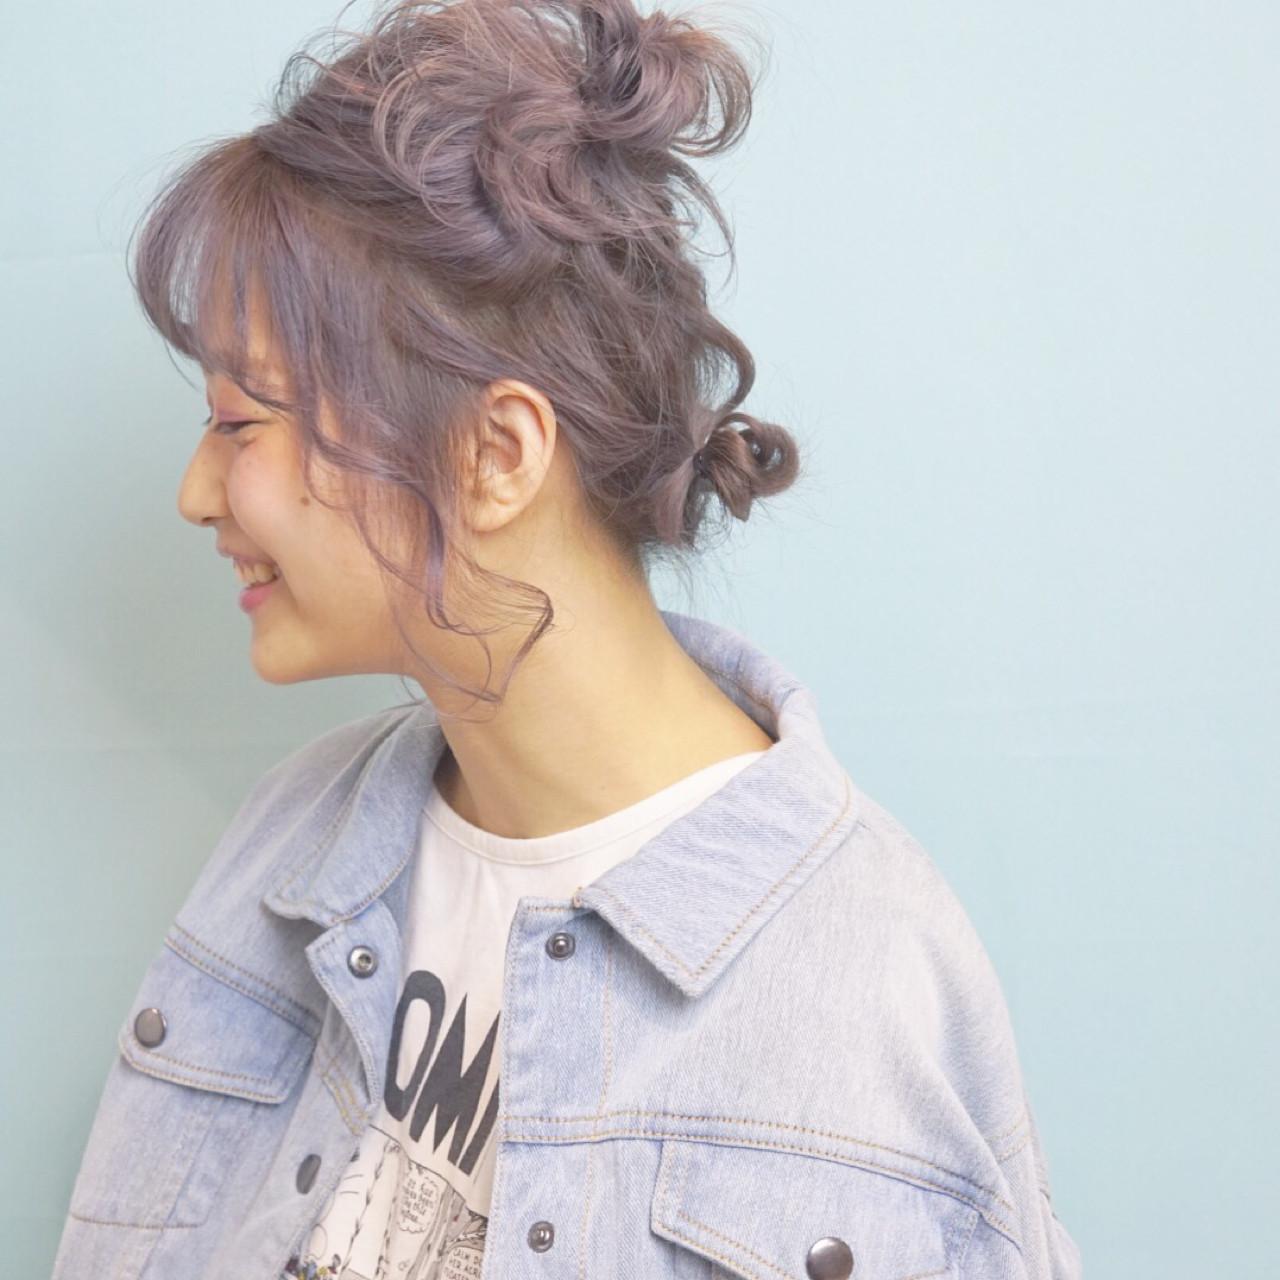 デート ガーリー ヘアアレンジ ナチュラル ヘアスタイルや髪型の写真・画像